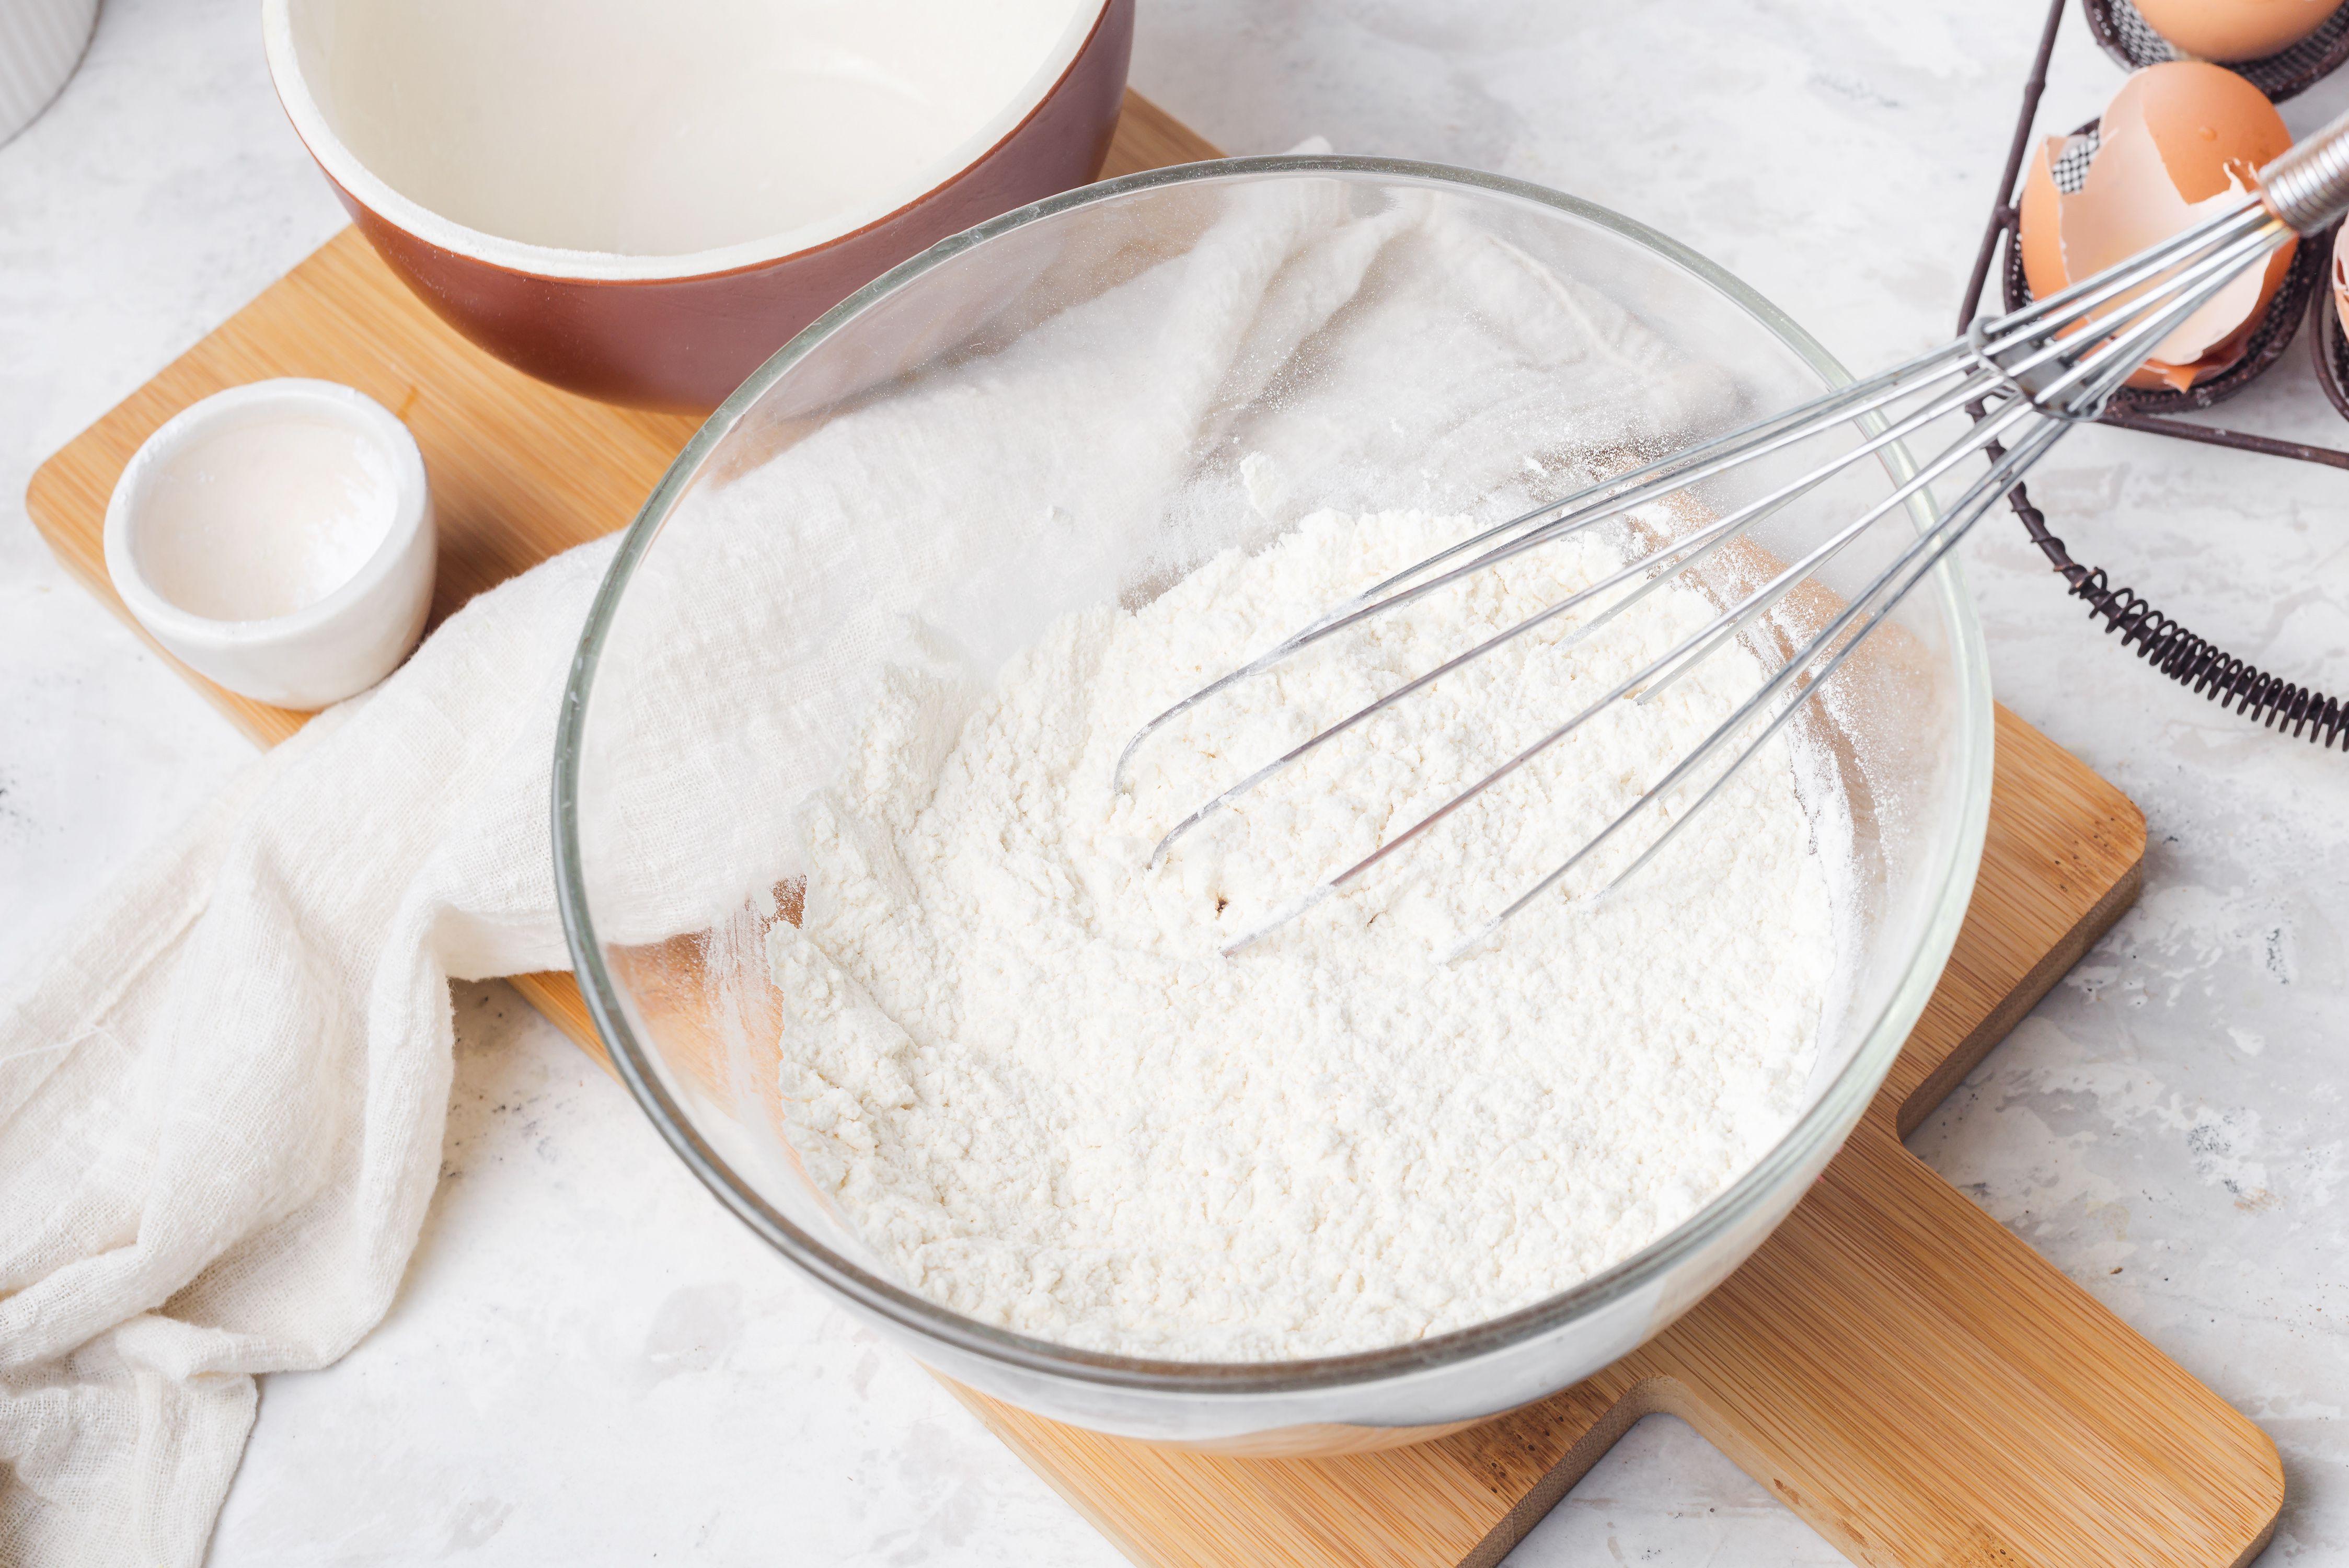 Stir flour